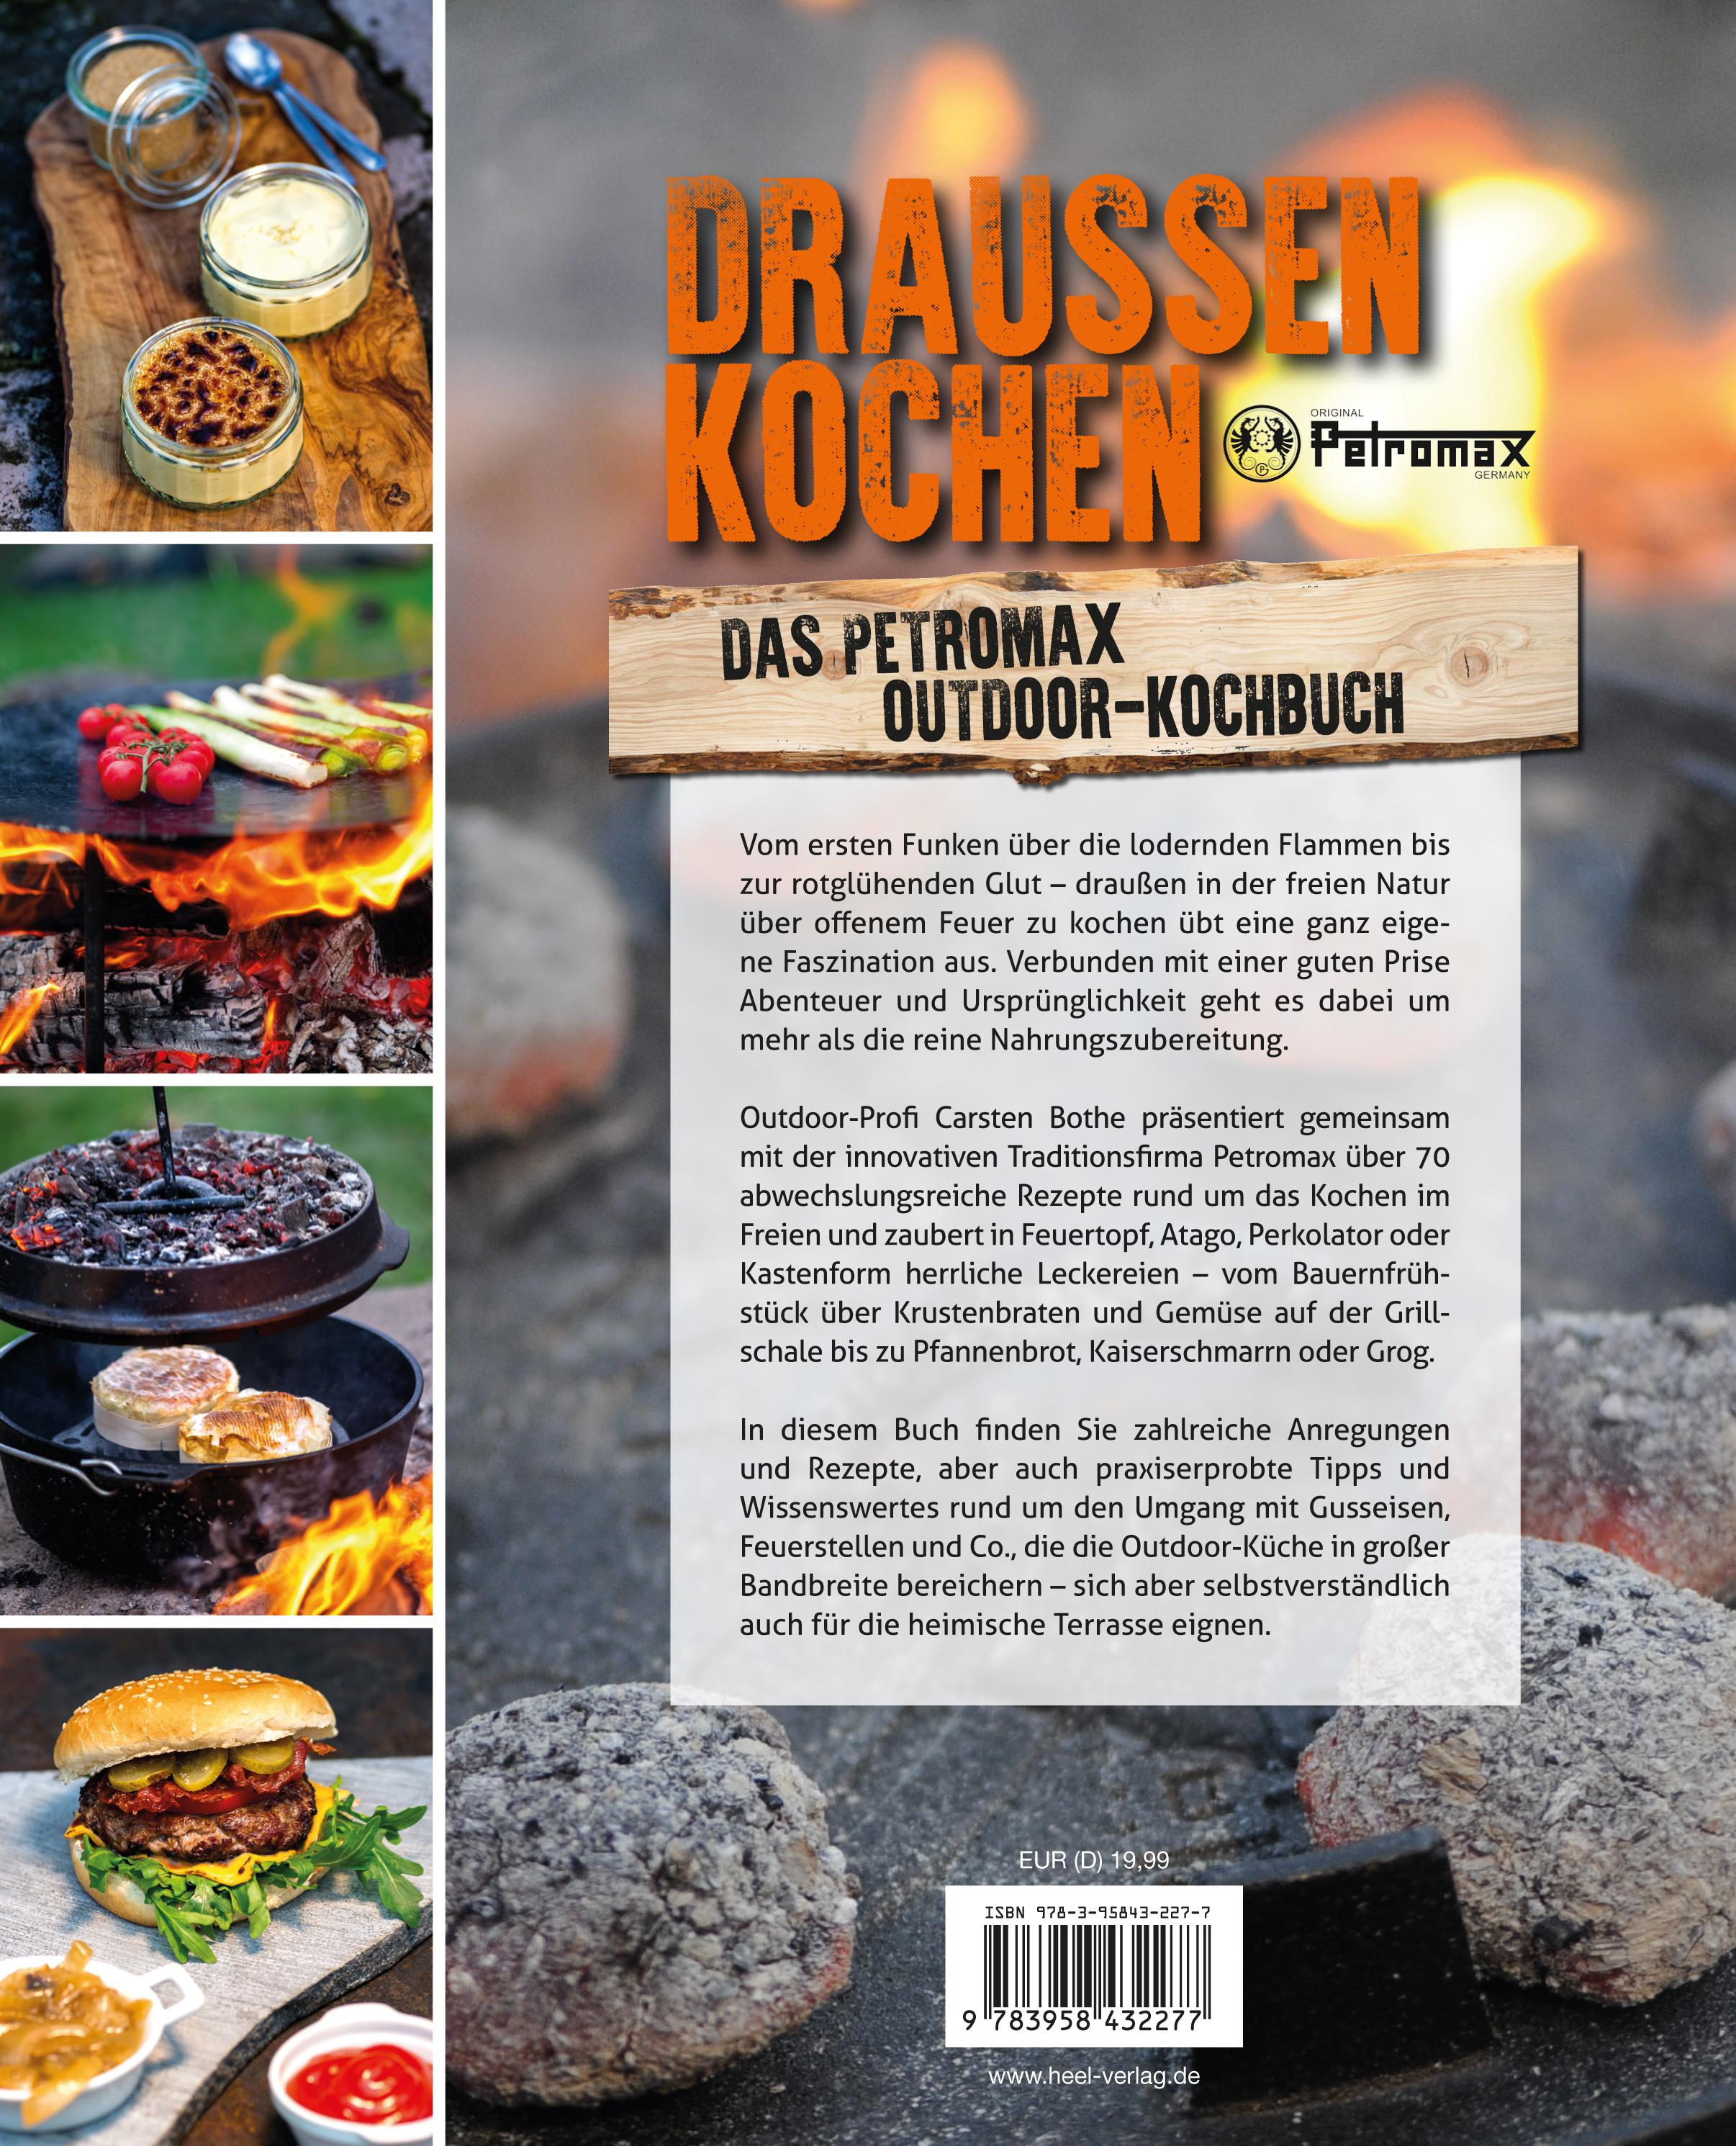 Sichersatt kochbuch draussen kochen for Die fettverbrennungs kuche buch